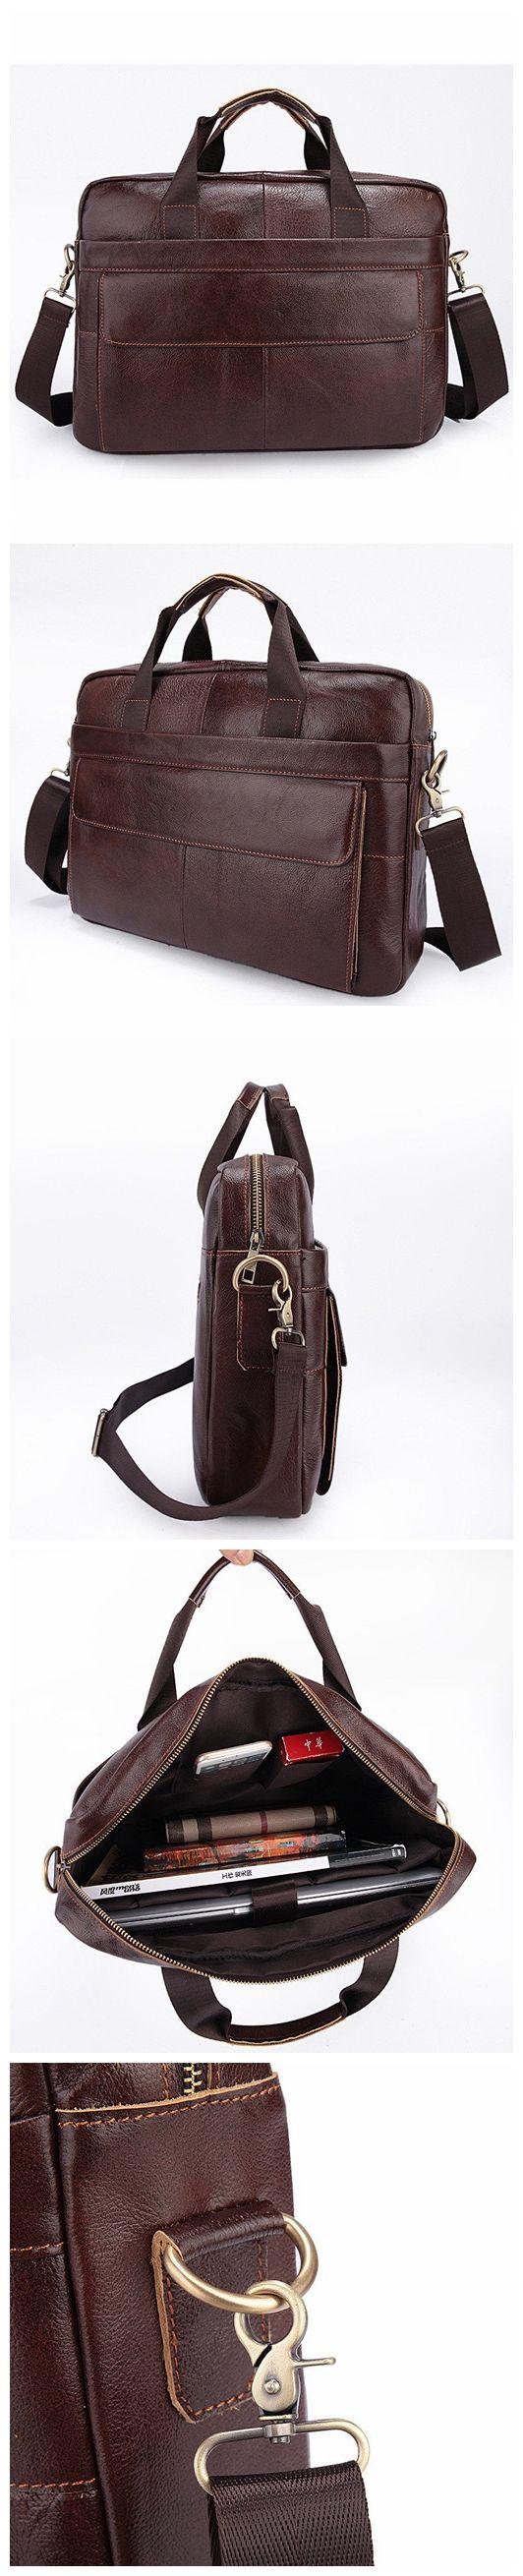 Genuine Leather Briefcase, Laptop Bags, Men's Shoulder Bags, Attache Case 80022